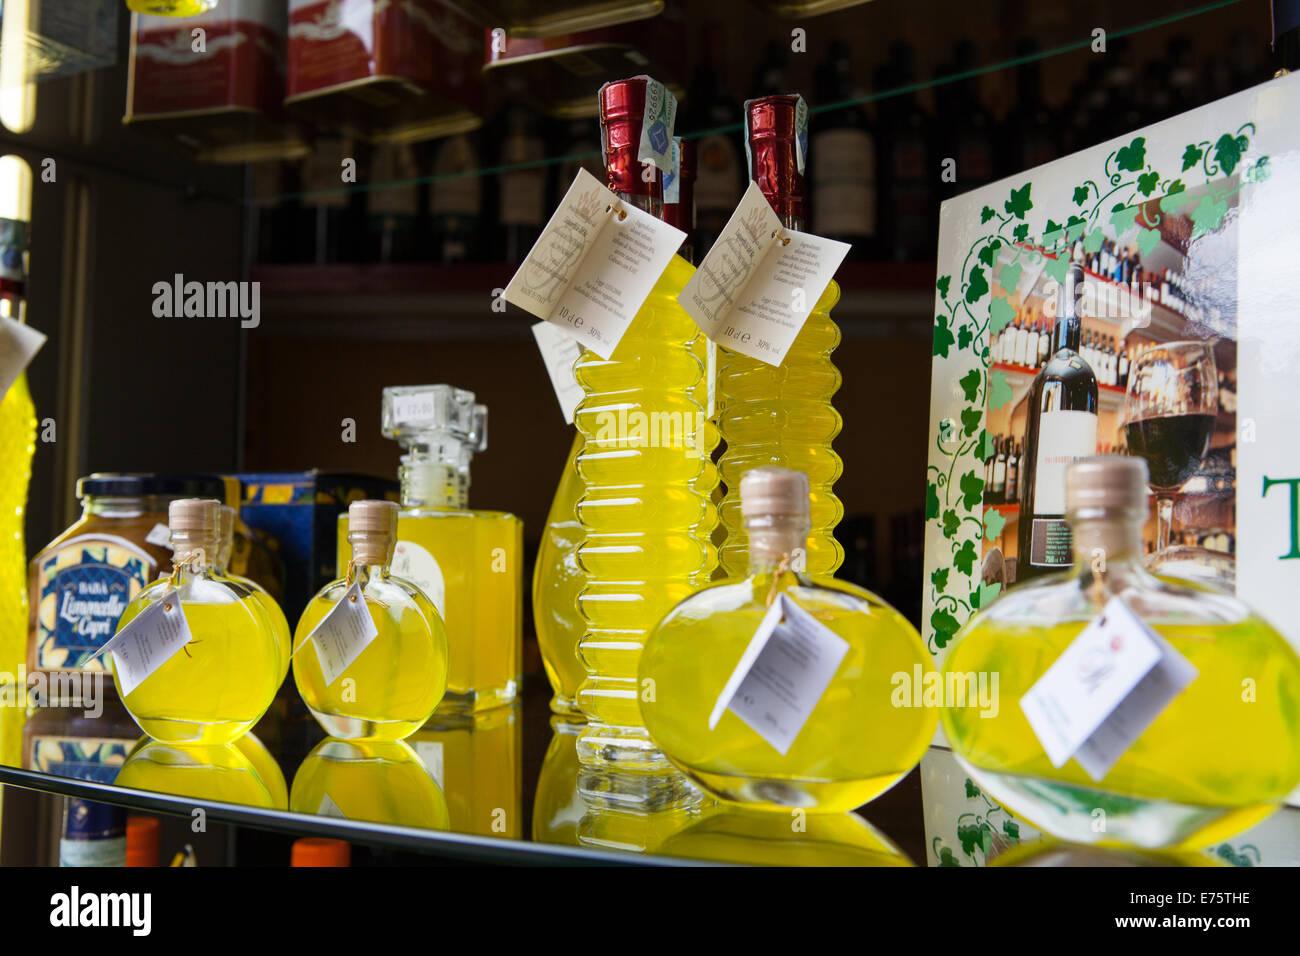 Affichage de Limoncino et Limoncello dans un magasin de vin Enoteca (régionale) Banque D'Images